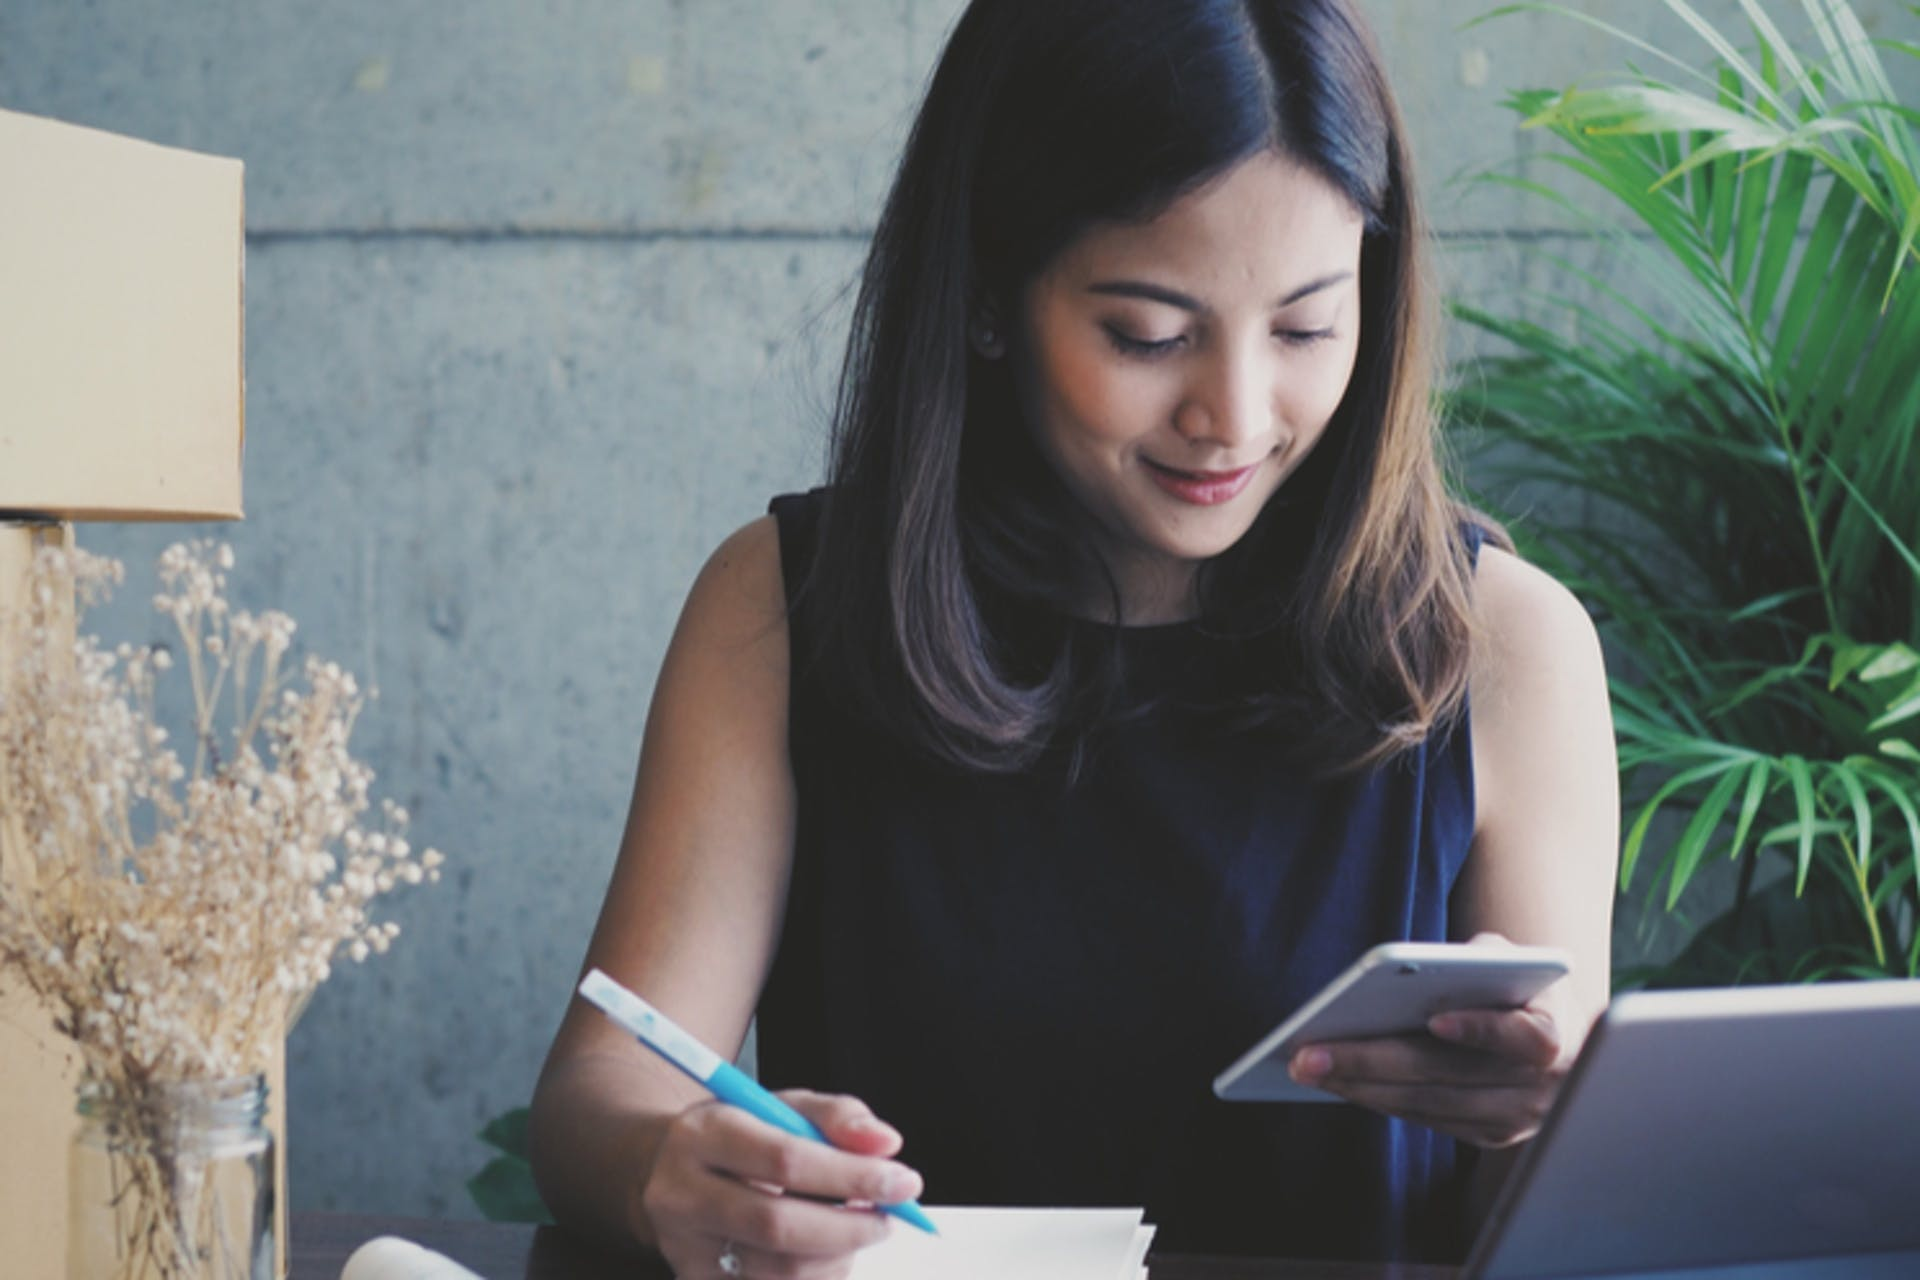 Frau schaut auf Smartphone im Büro